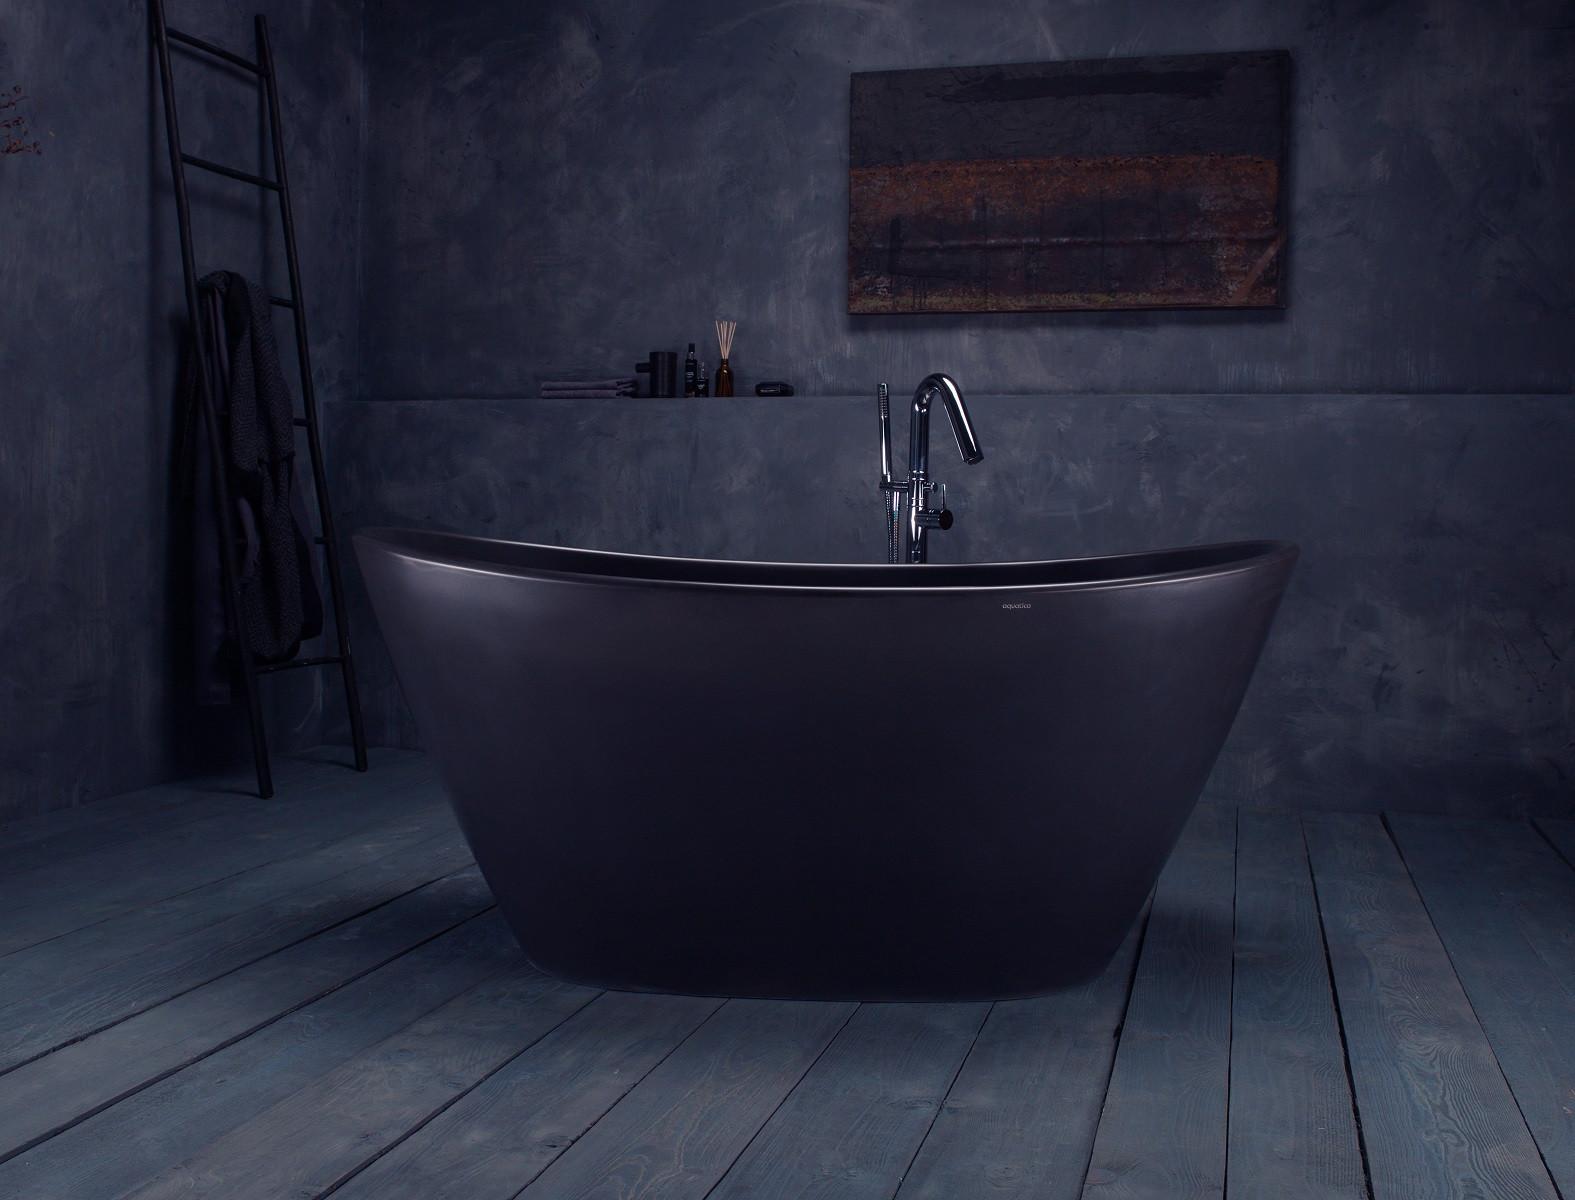 Aquatica PS748M-Blck PureScape Freestanding Graphite Black Stone Bathtub